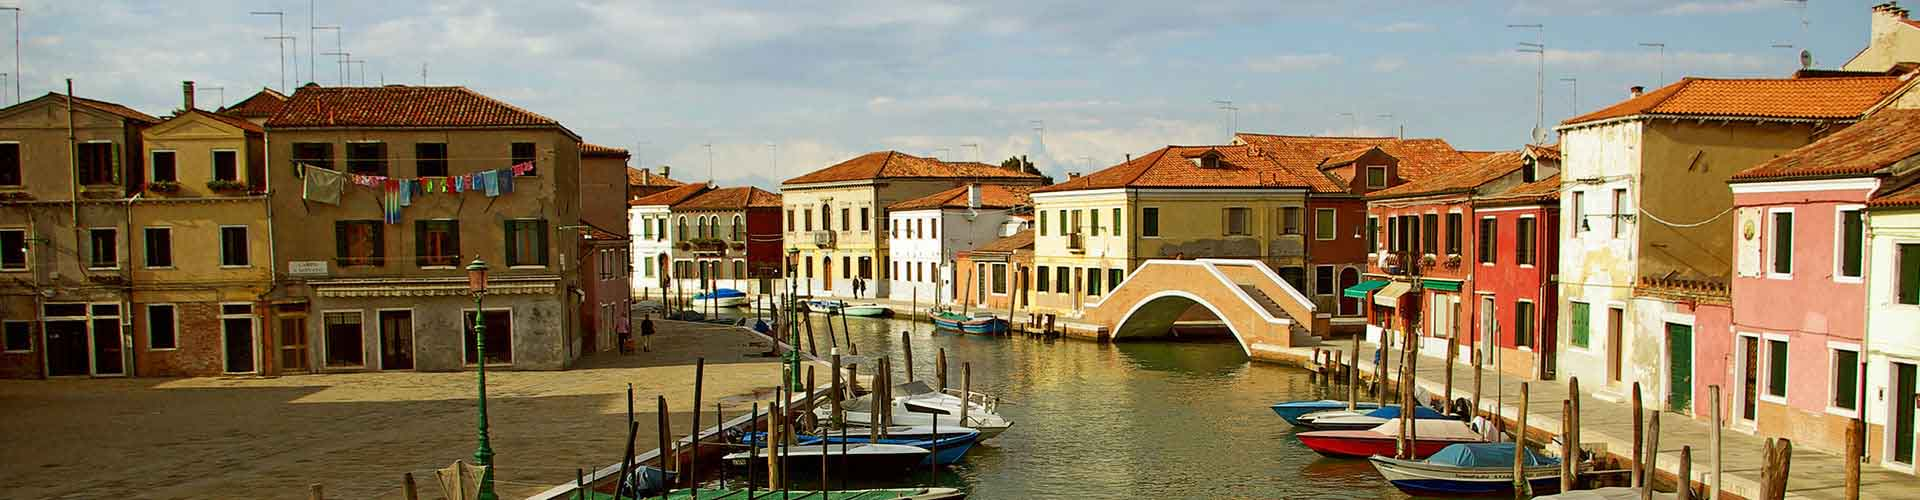 威尼斯梅斯特 – 威尼斯马可波罗机场 附近的青年旅舍。威尼斯梅斯特地图,威尼斯梅斯特 所有青年旅馆的照片和评分。